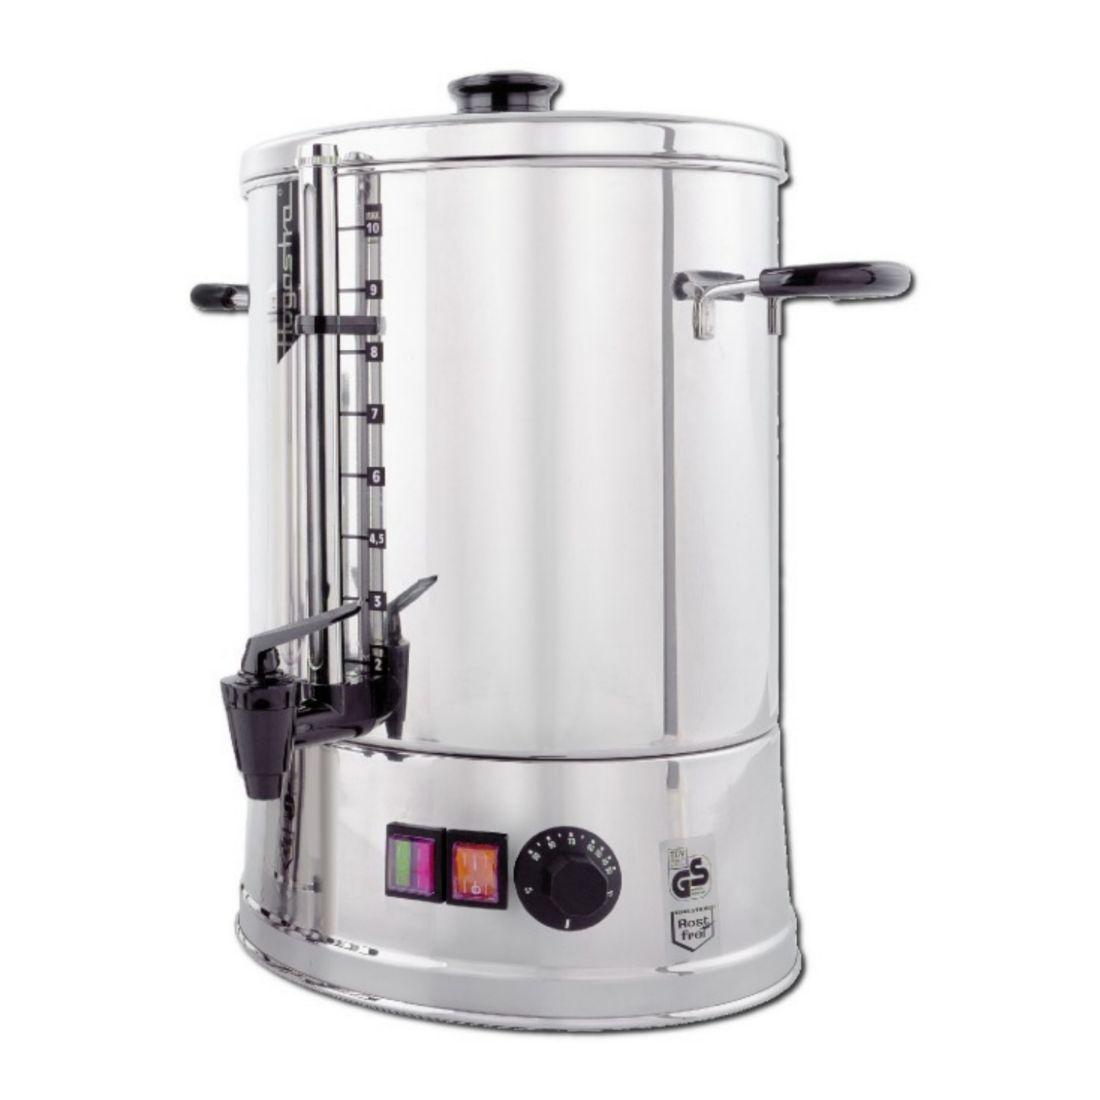 Automat na horkou vodu Hogastra 15 L